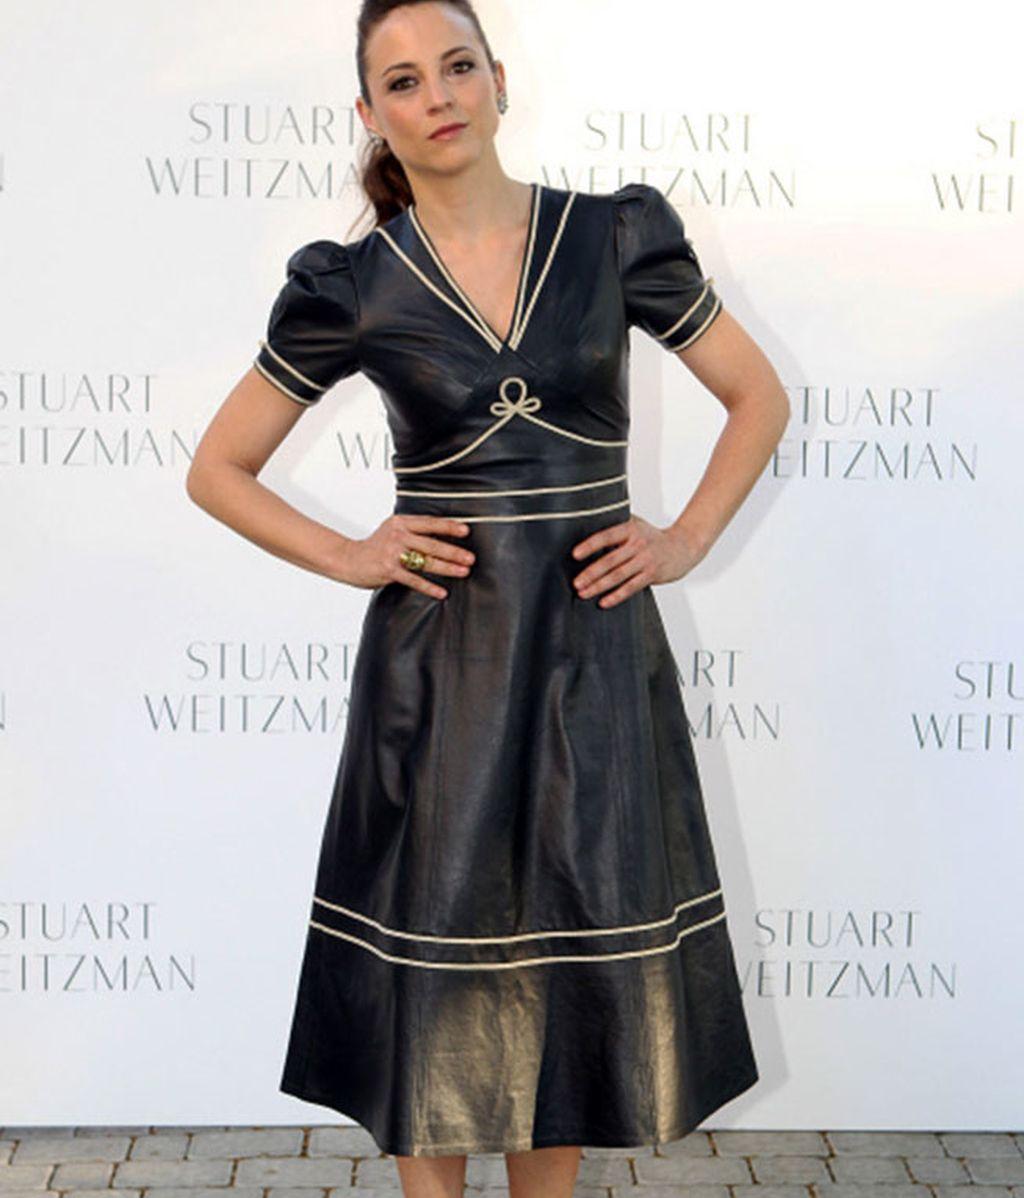 El vestido retro y de cuero de Leonor Waitling, centro de las miradas